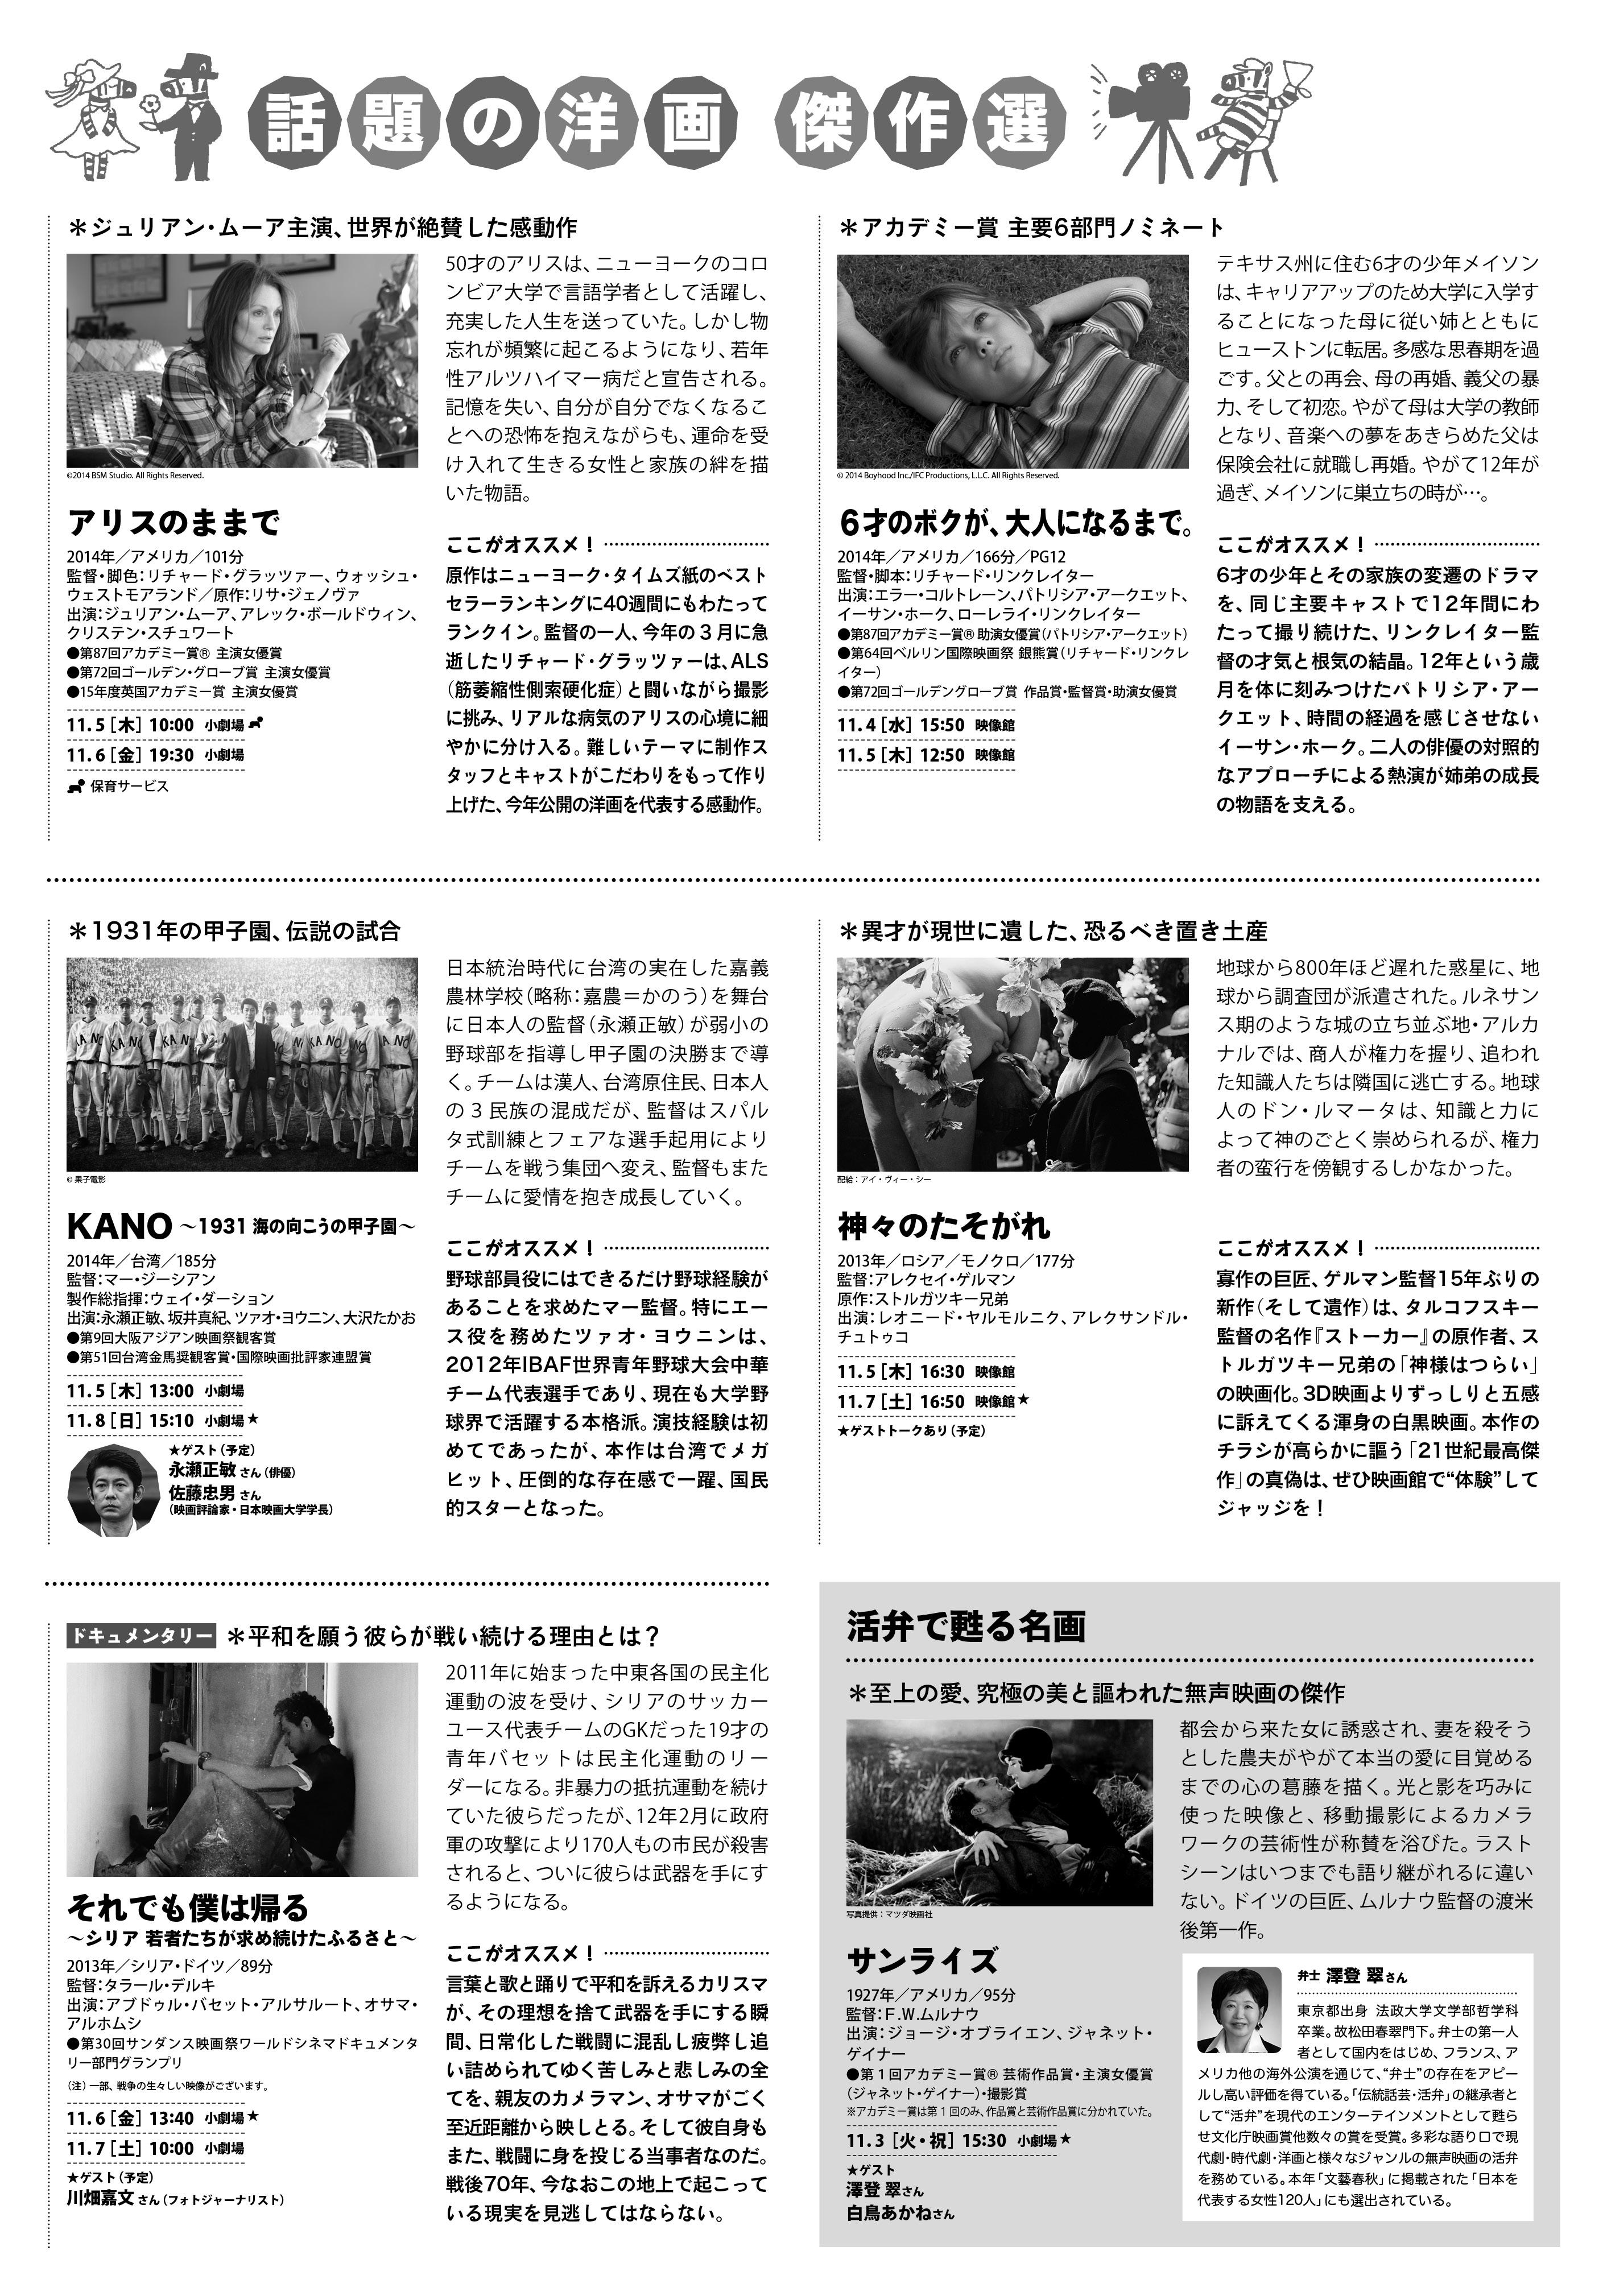 Cinema Kawasaki Schedule